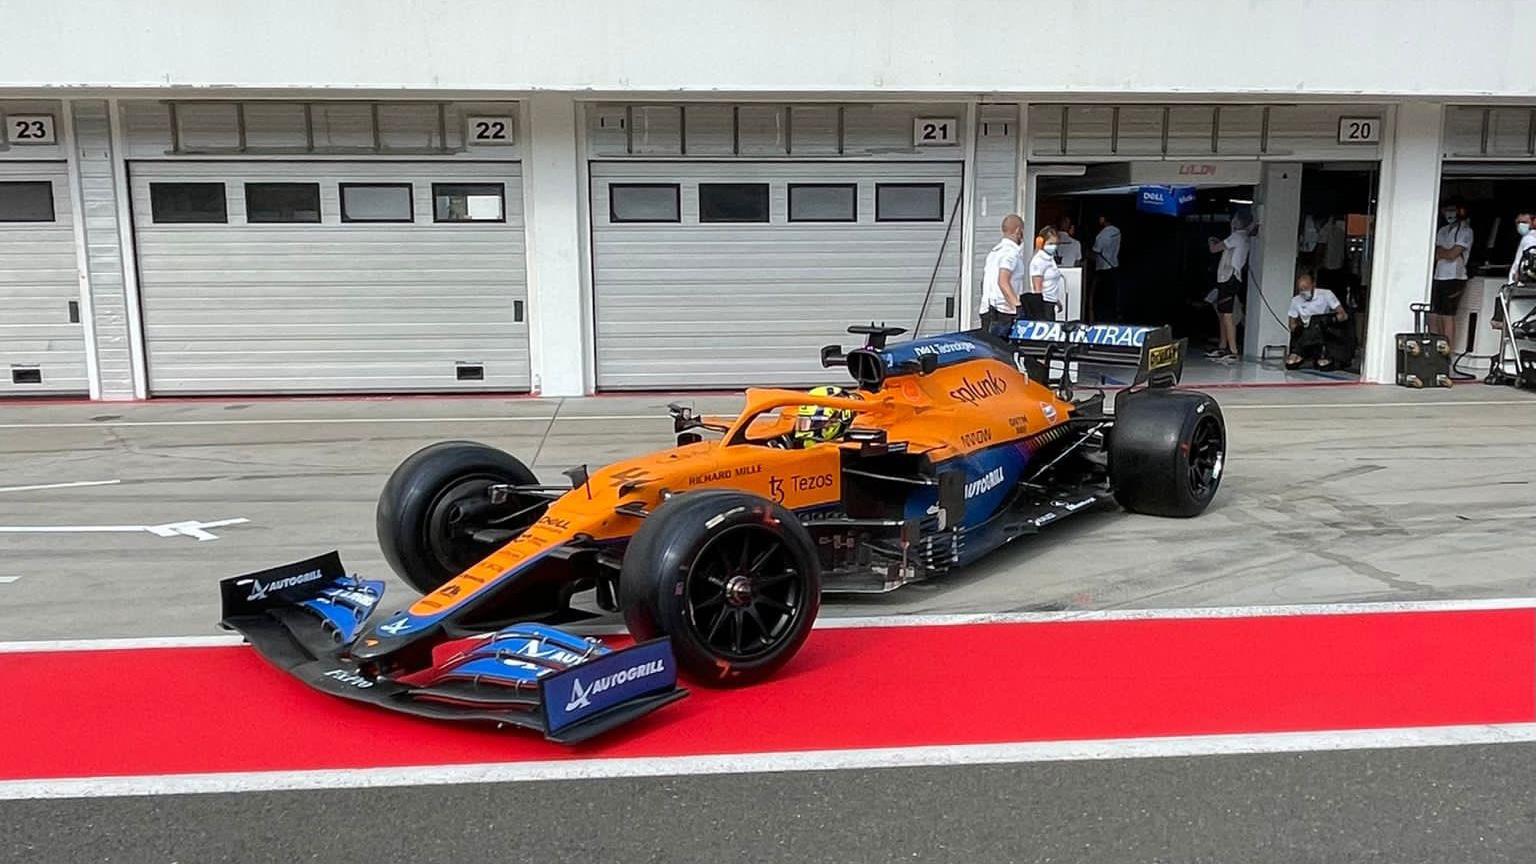 Lando Norris, McLaren, 2022 F1 tyre test